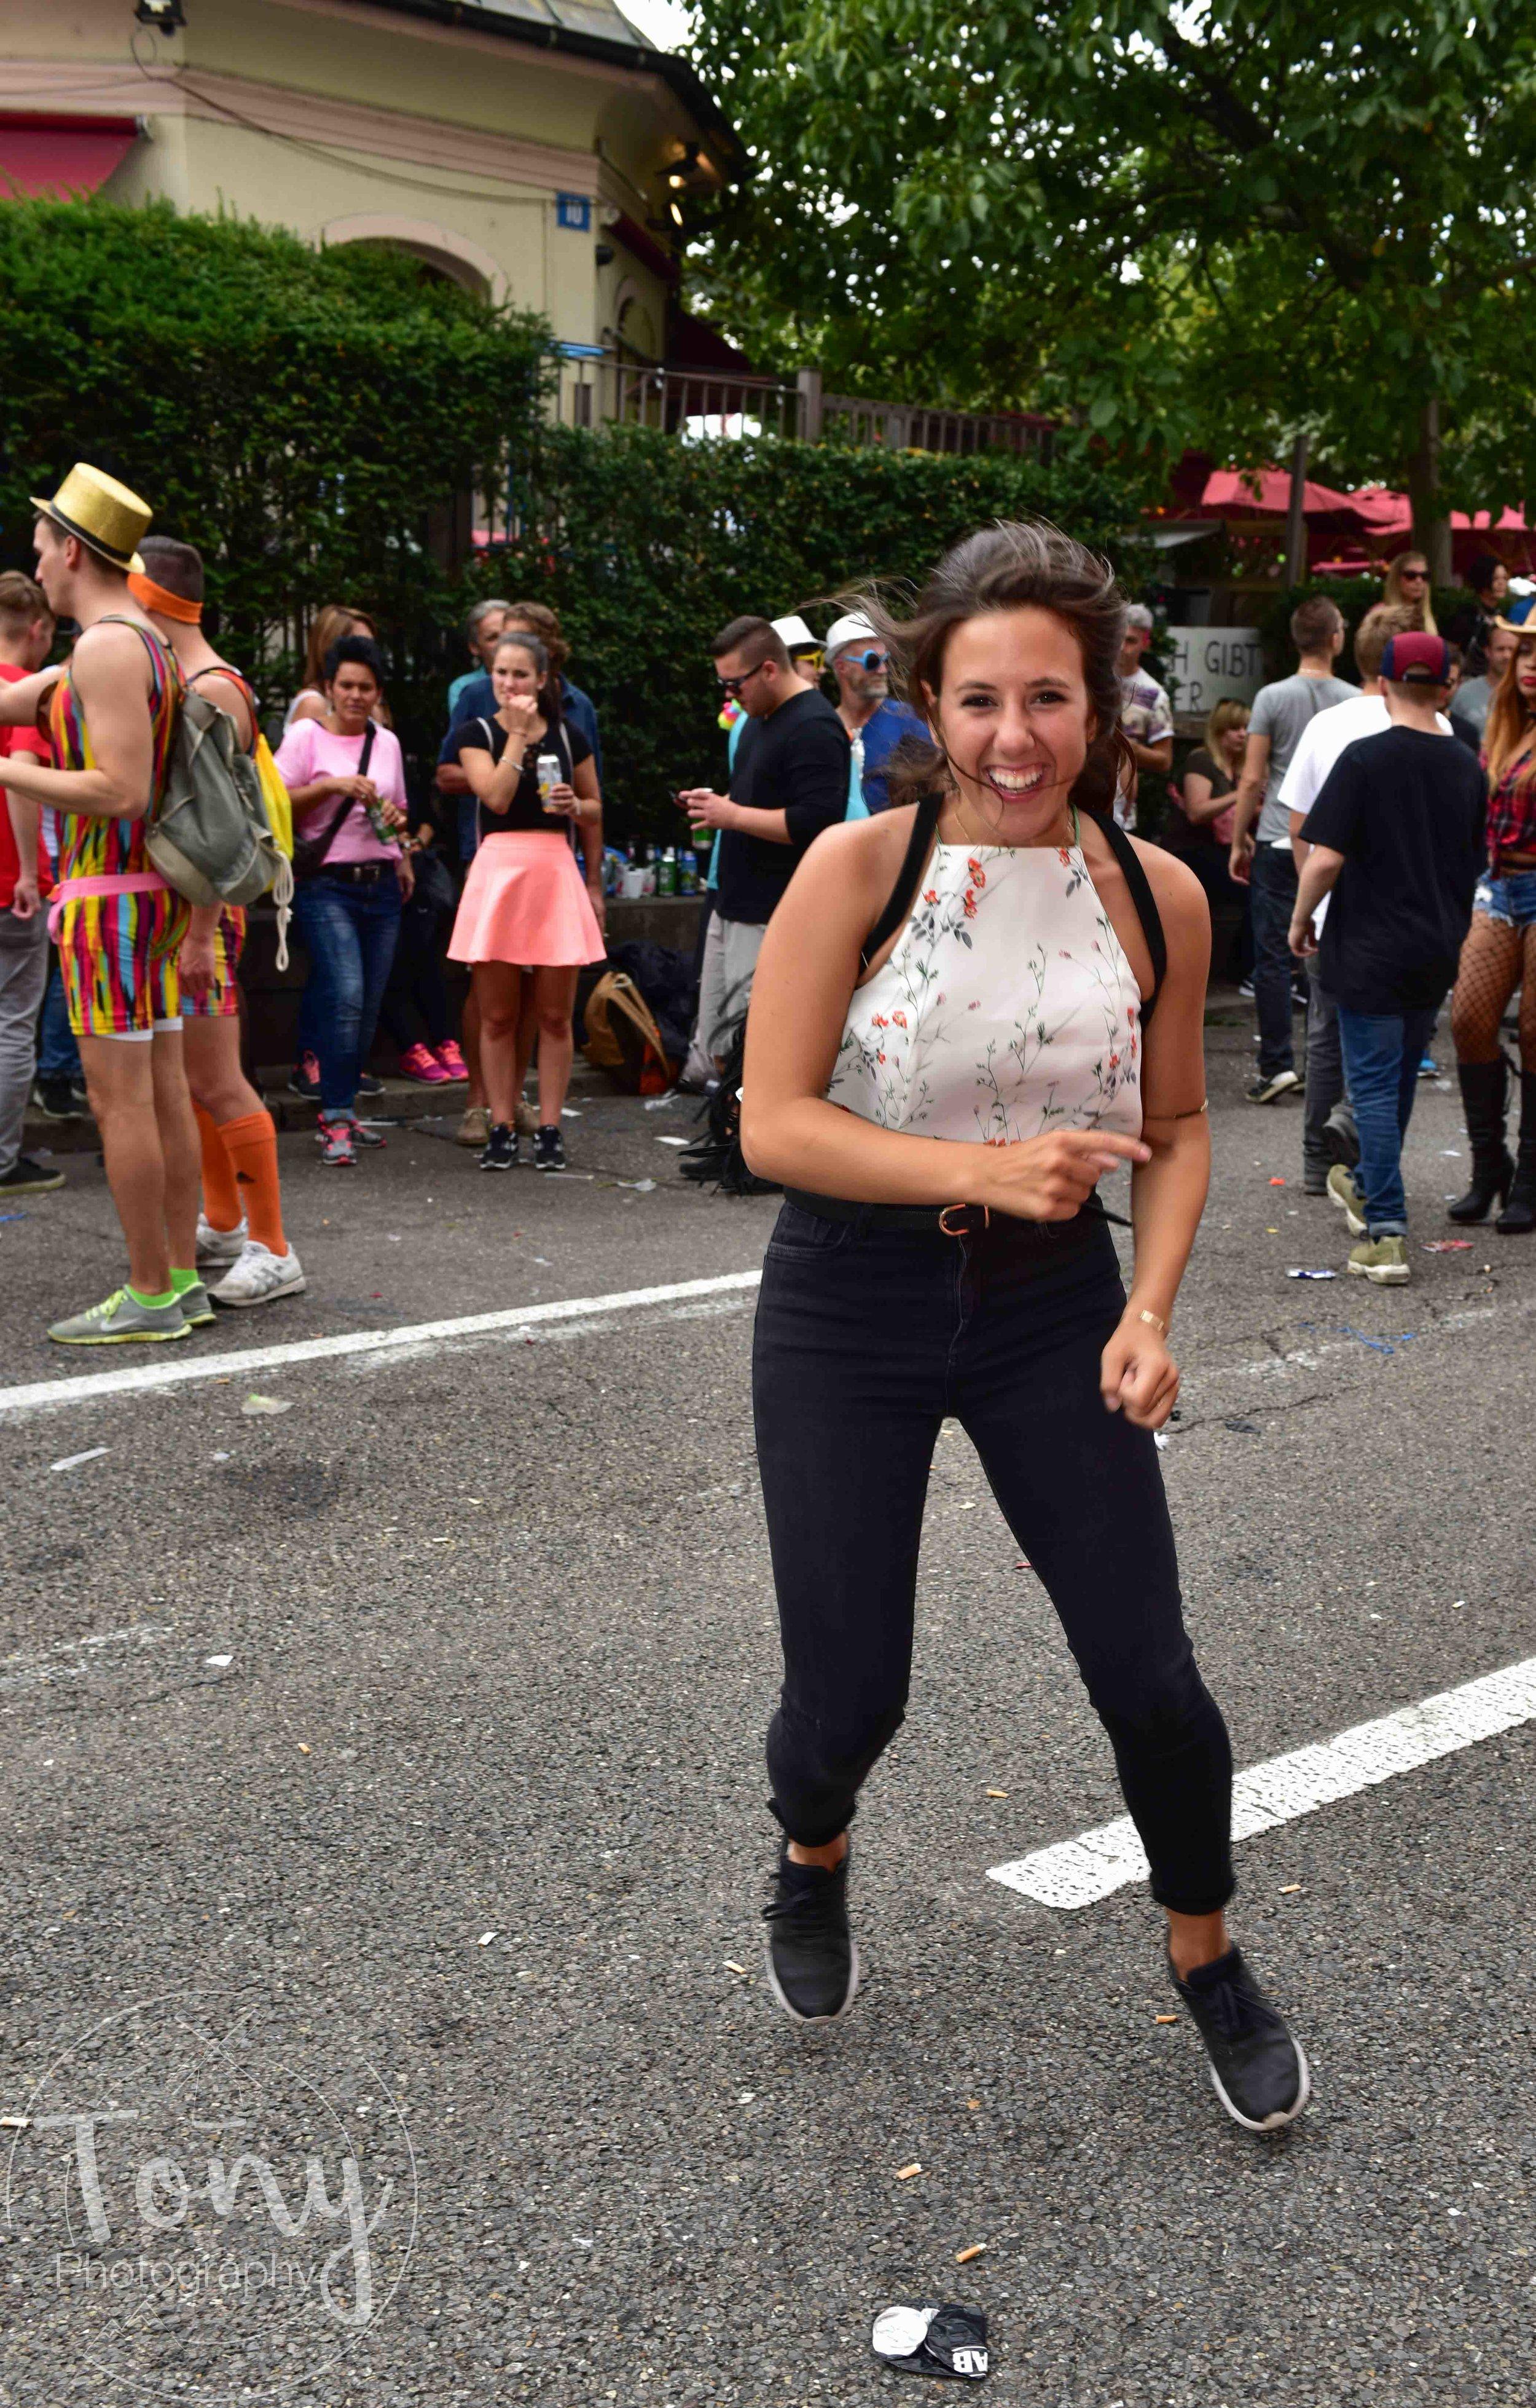 streetparade-132.jpg